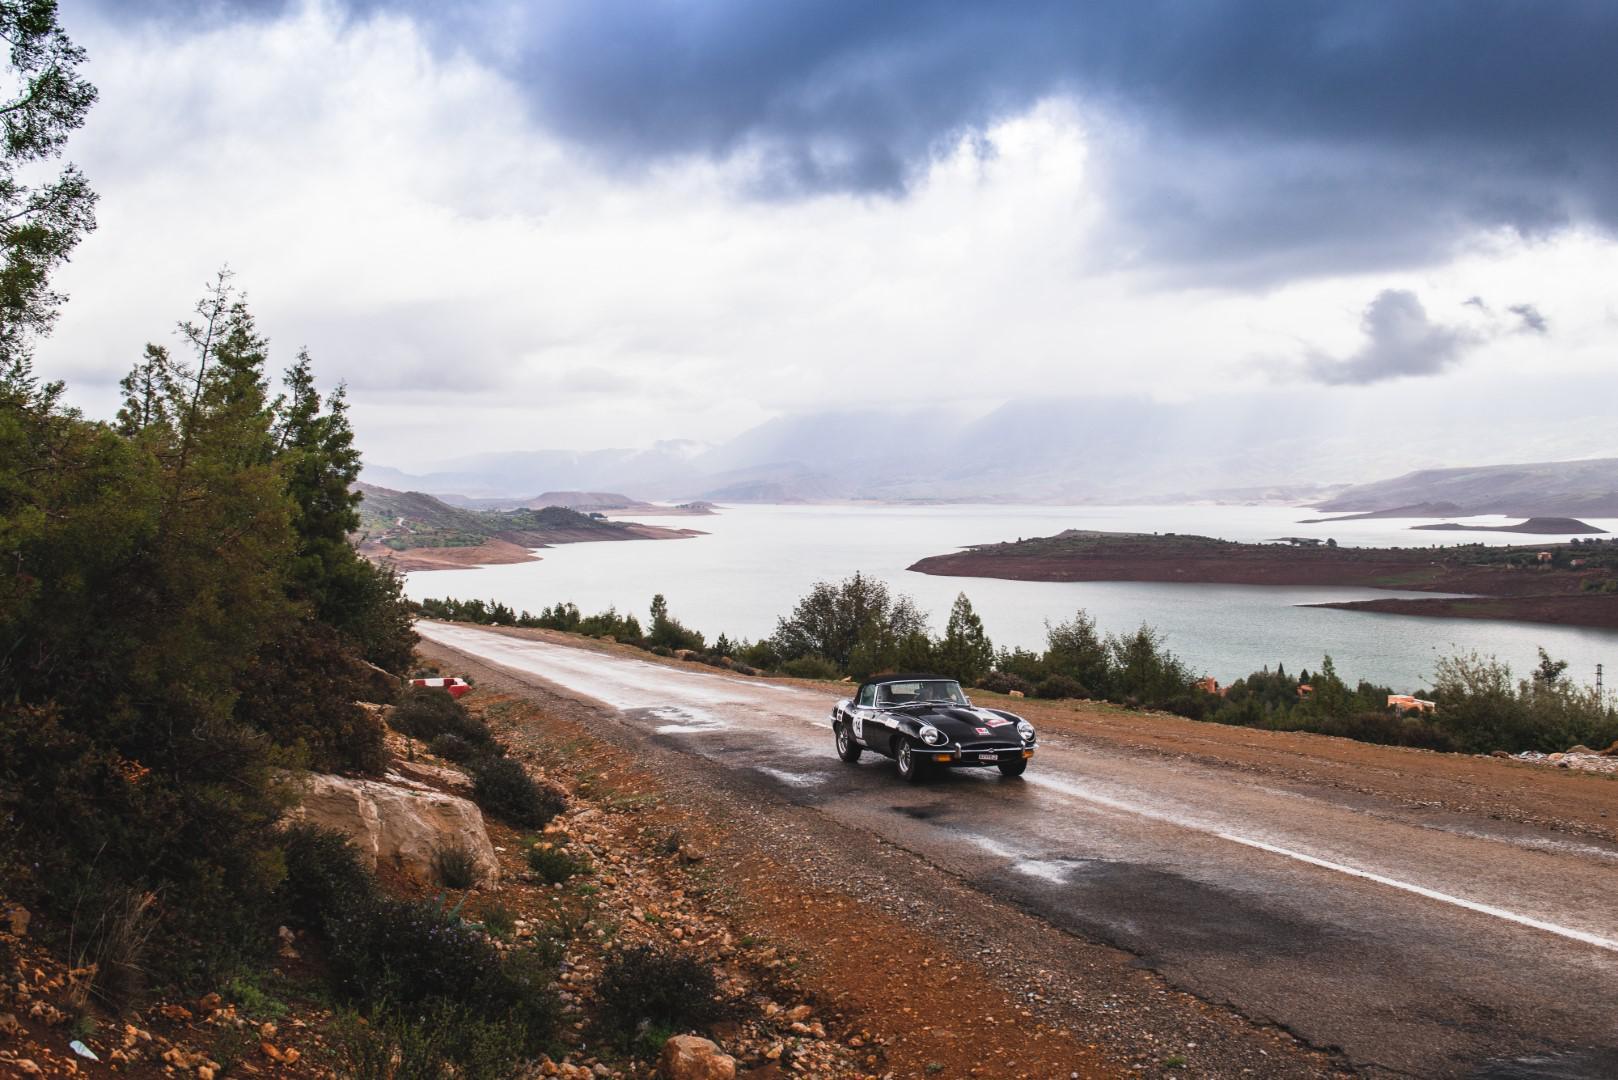 victoire-marocaine-pour-le-25eme-anniversaire-du-rallye-maroc-classic-680-24.jpg